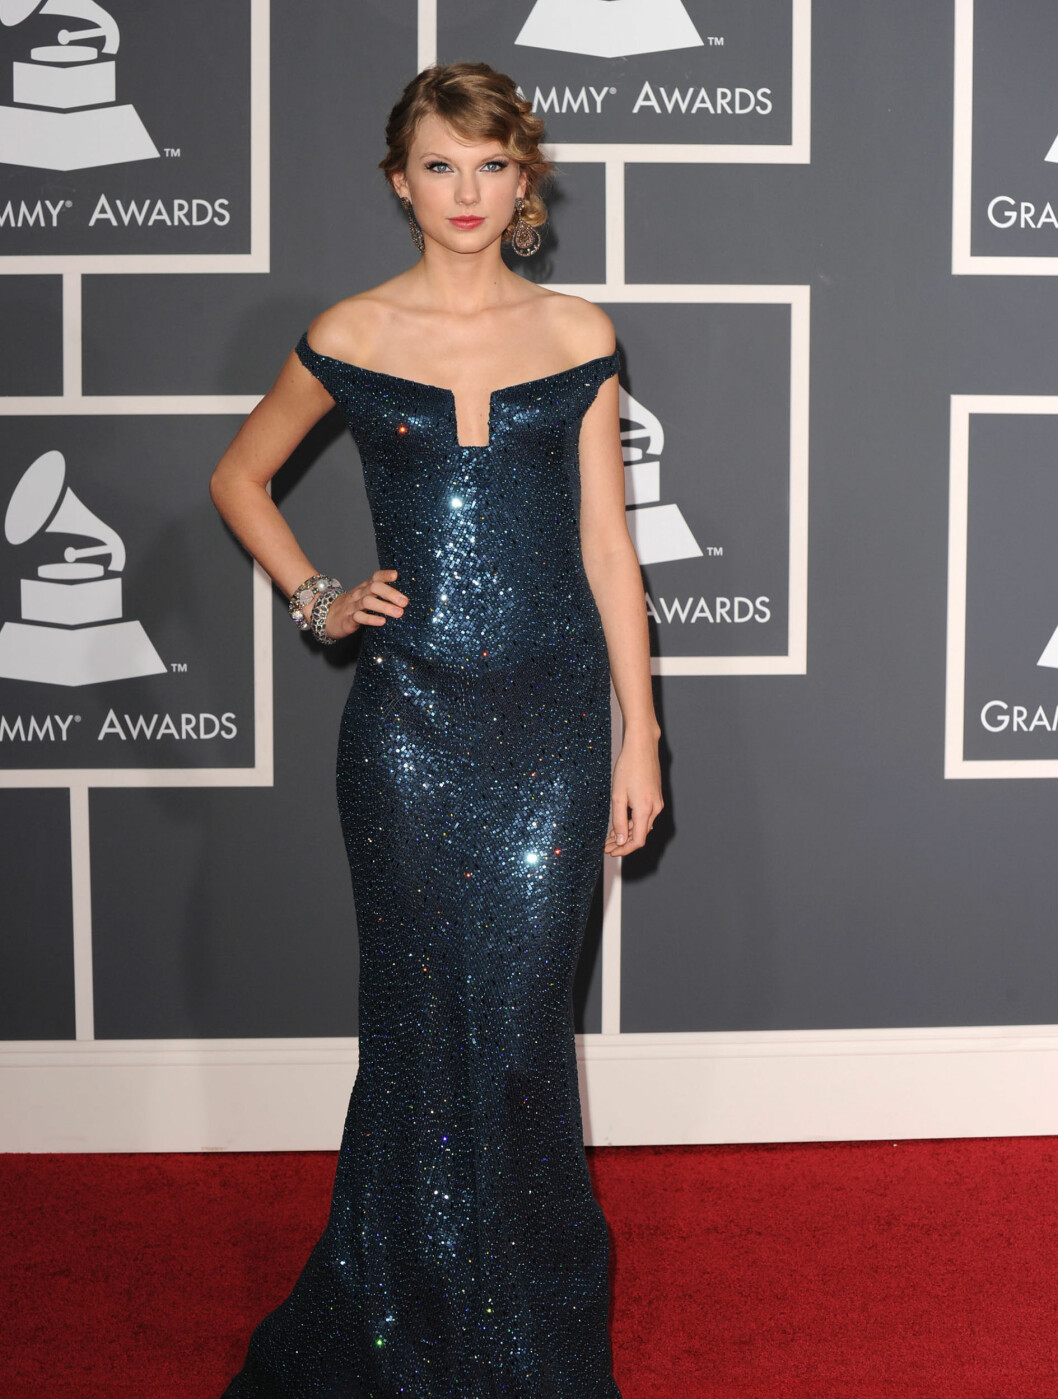 ÅTTE NOMINASJONER: Sangeren Taylor Swift var nominert til åtte priser. Hun kom i en kjole fra KaufmanFranco. Foto: All Over Press